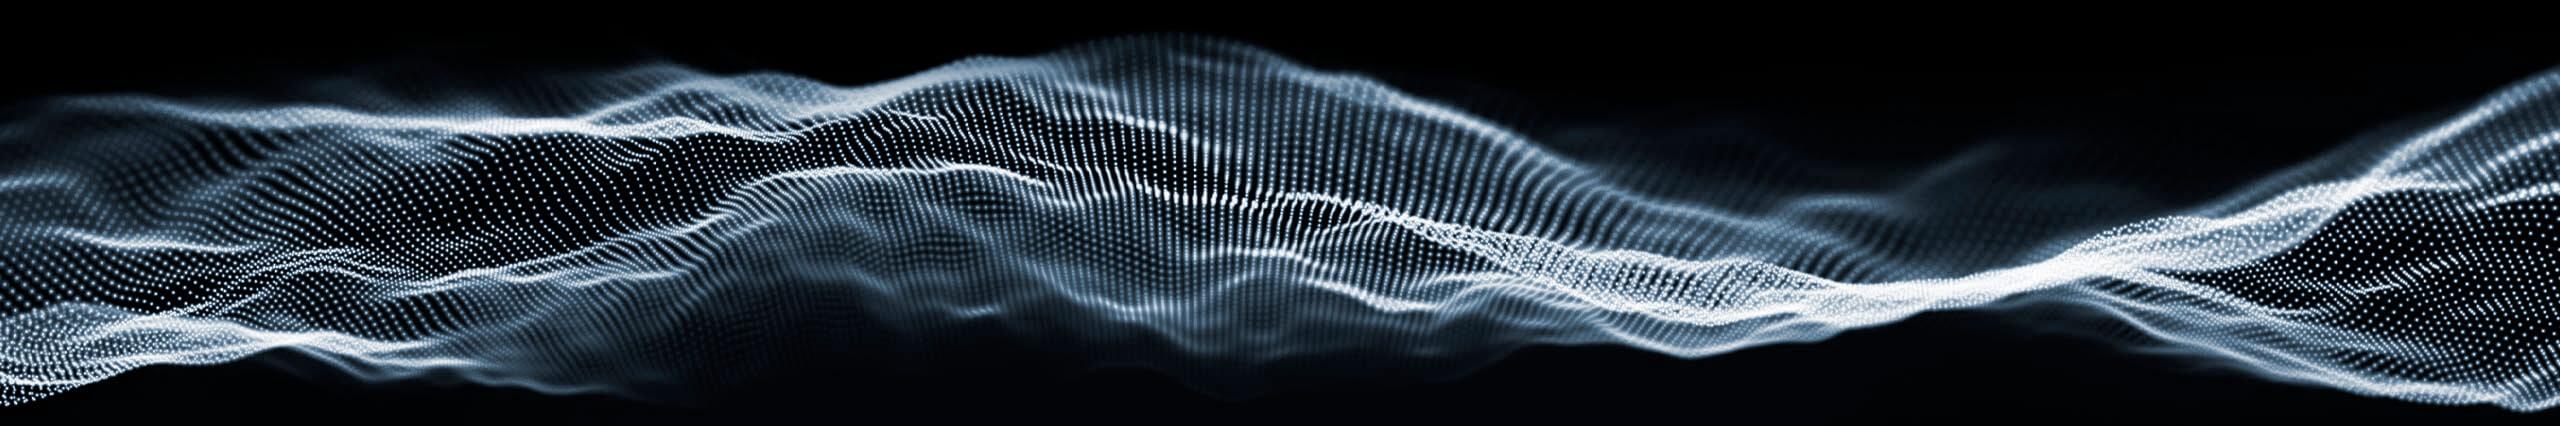 3D Surround Waveform